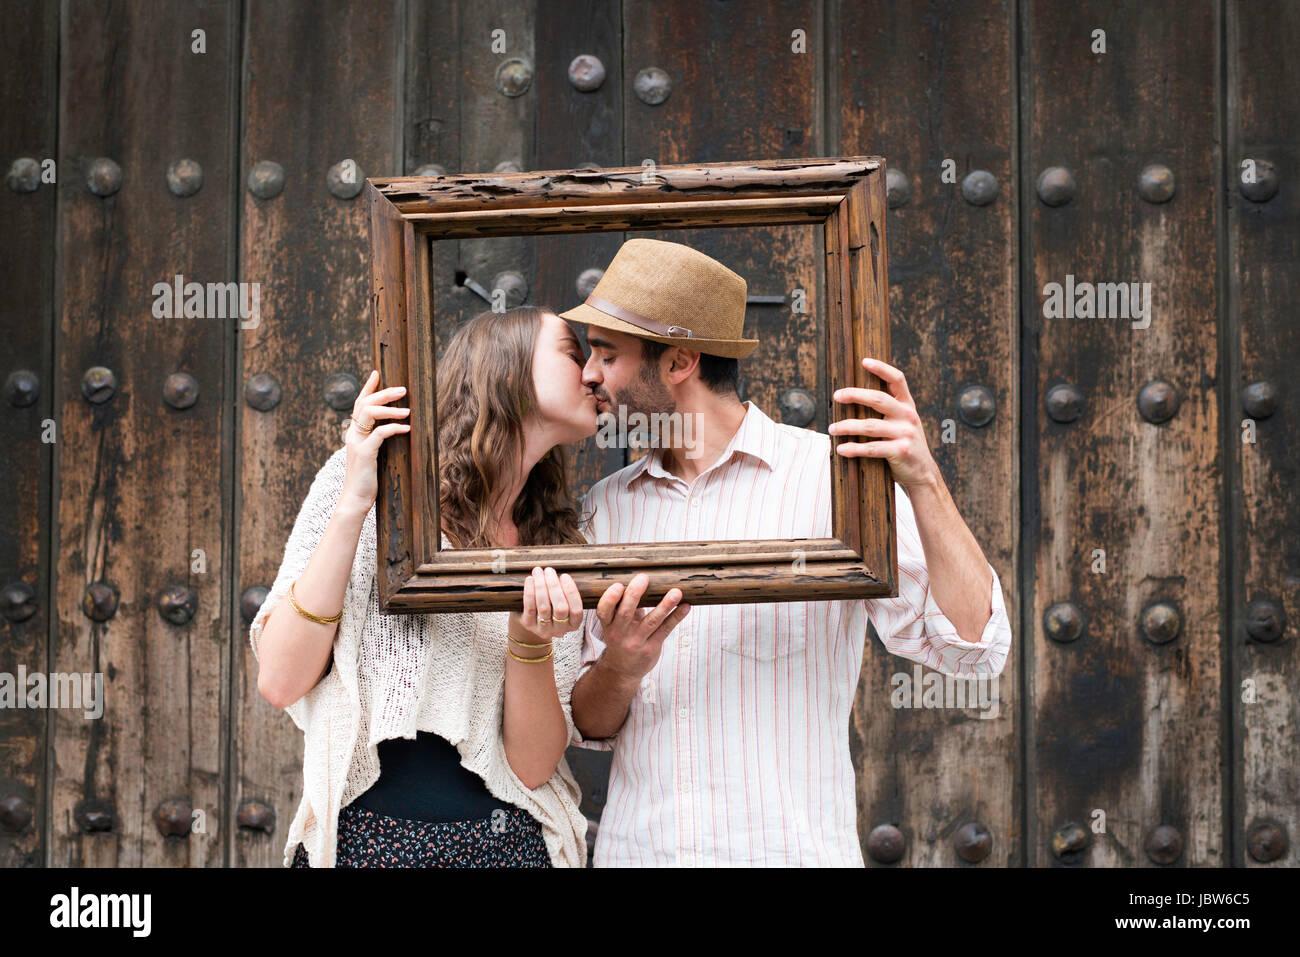 Retrato de pareja, besarse, sosteniendo el bastidor de madera delante de sus rostros, Ciudad de México, México Imagen De Stock